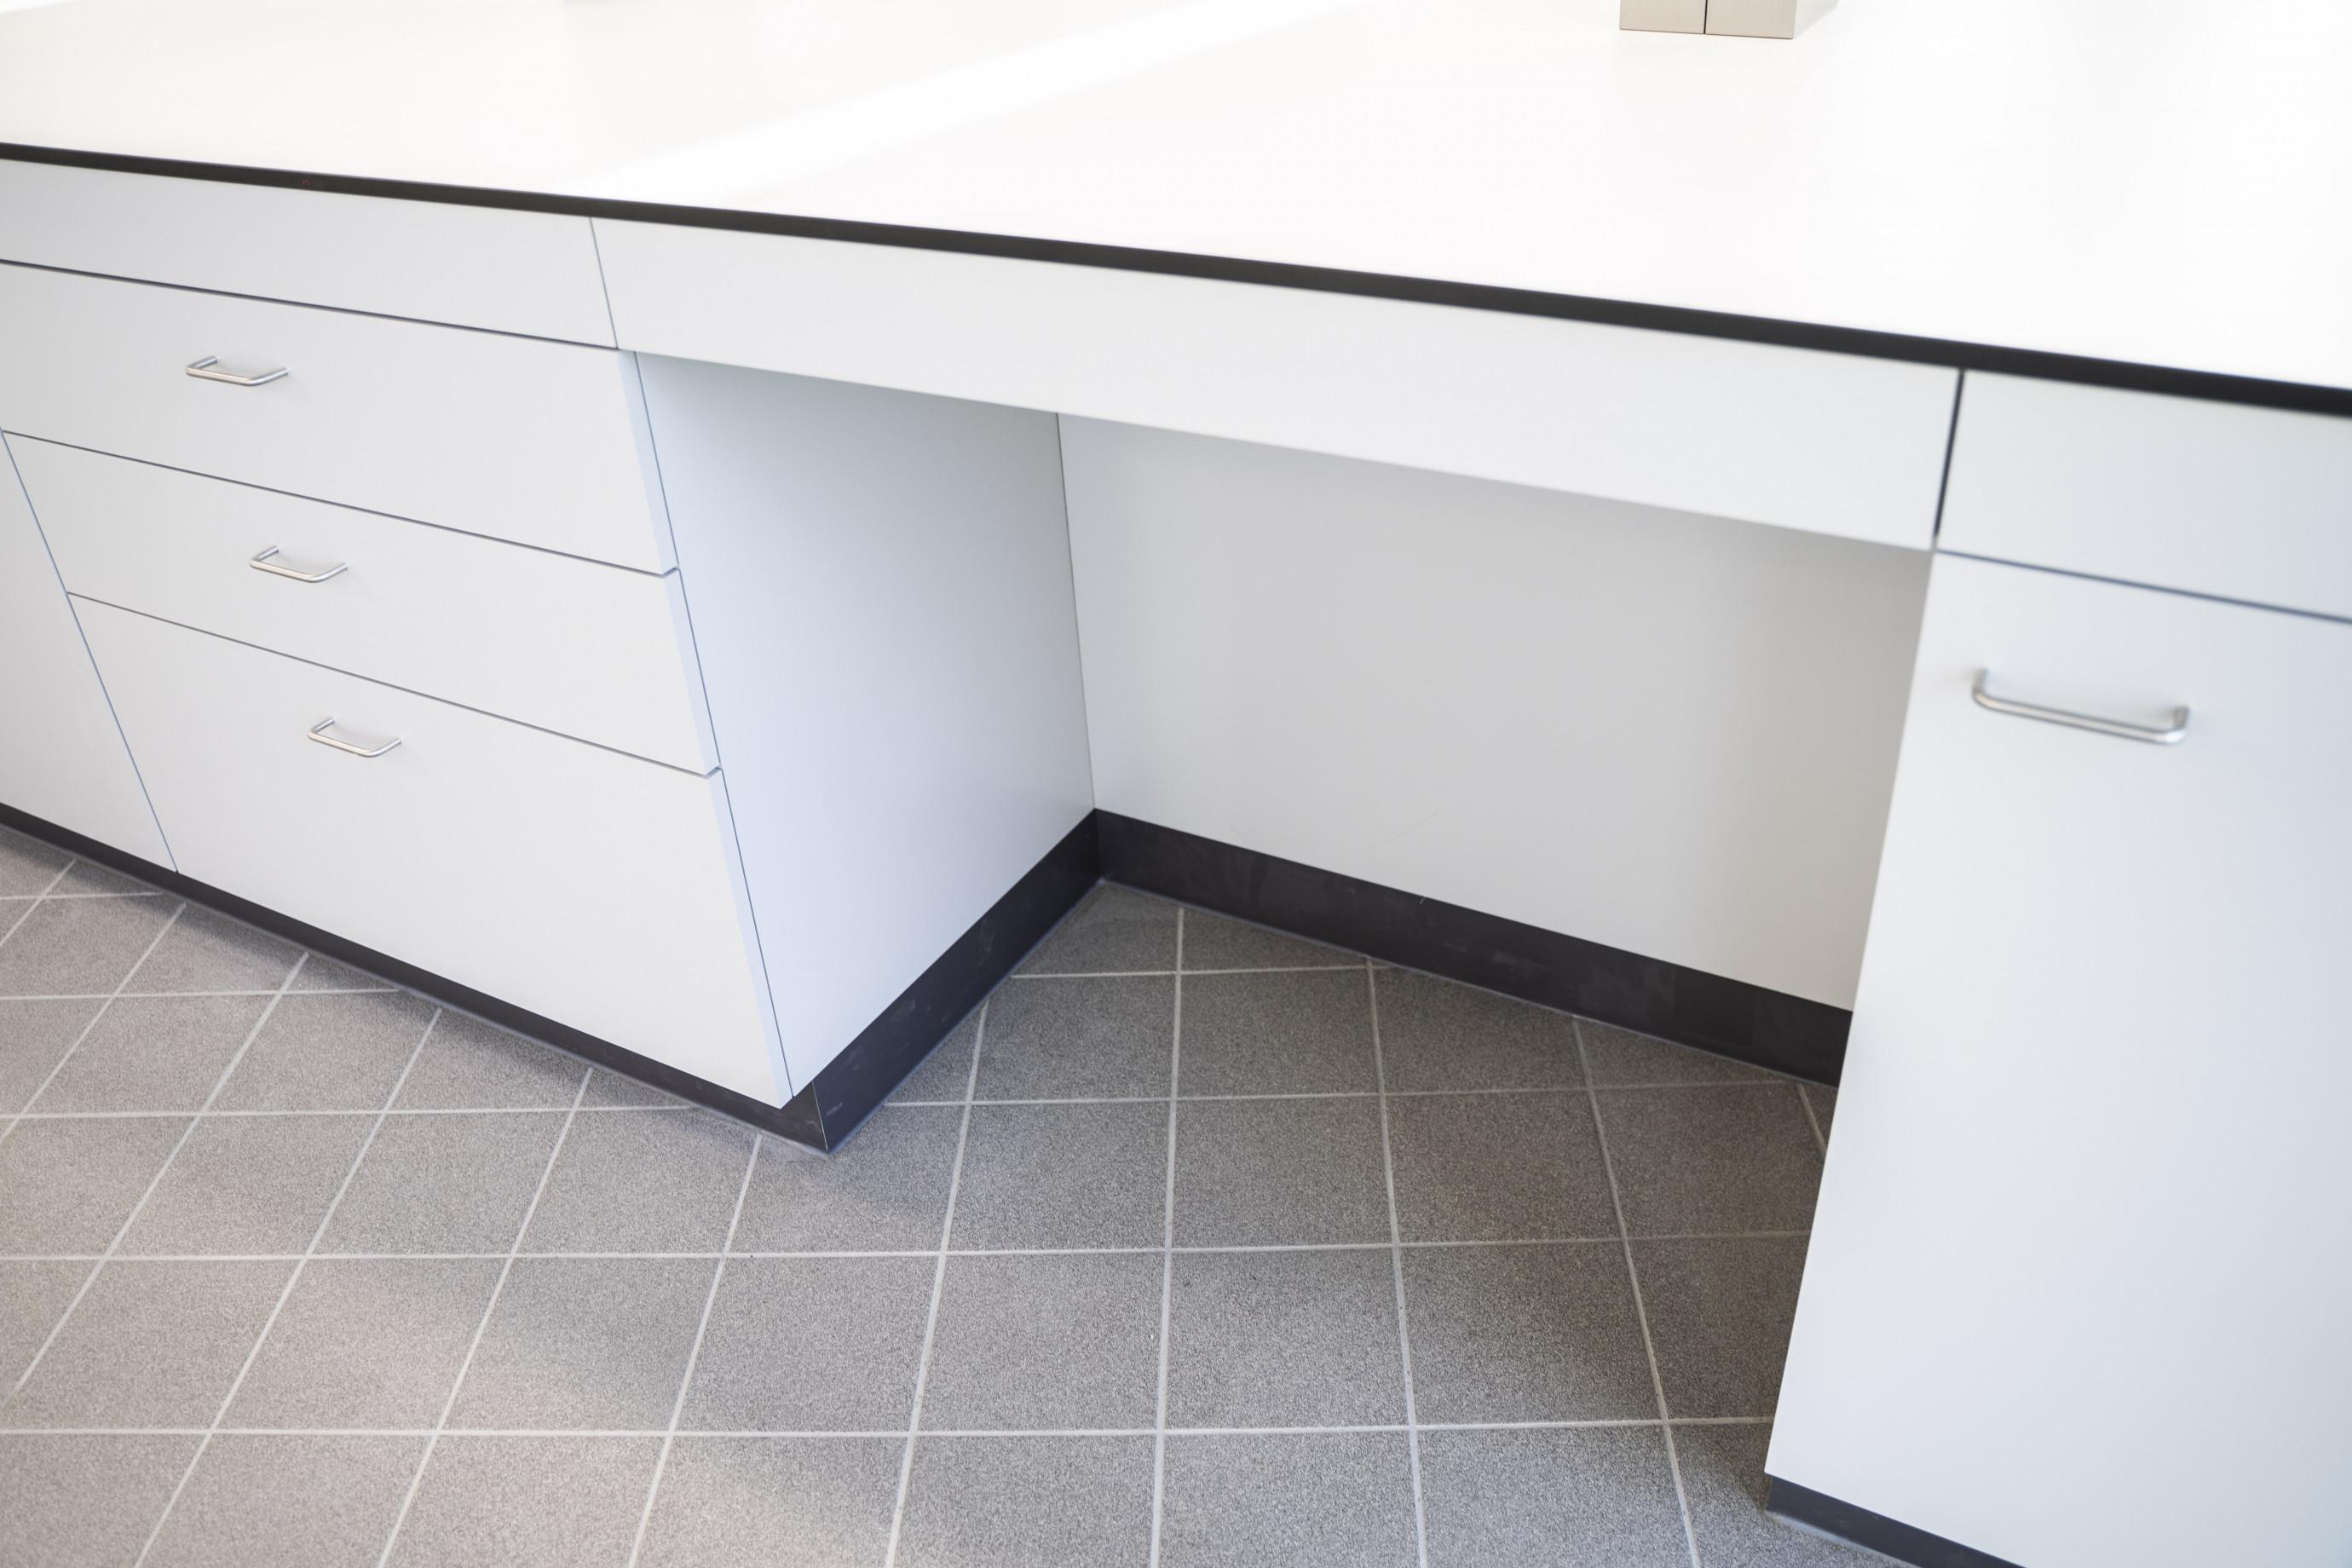 Table de laboratoire: espace d'assise